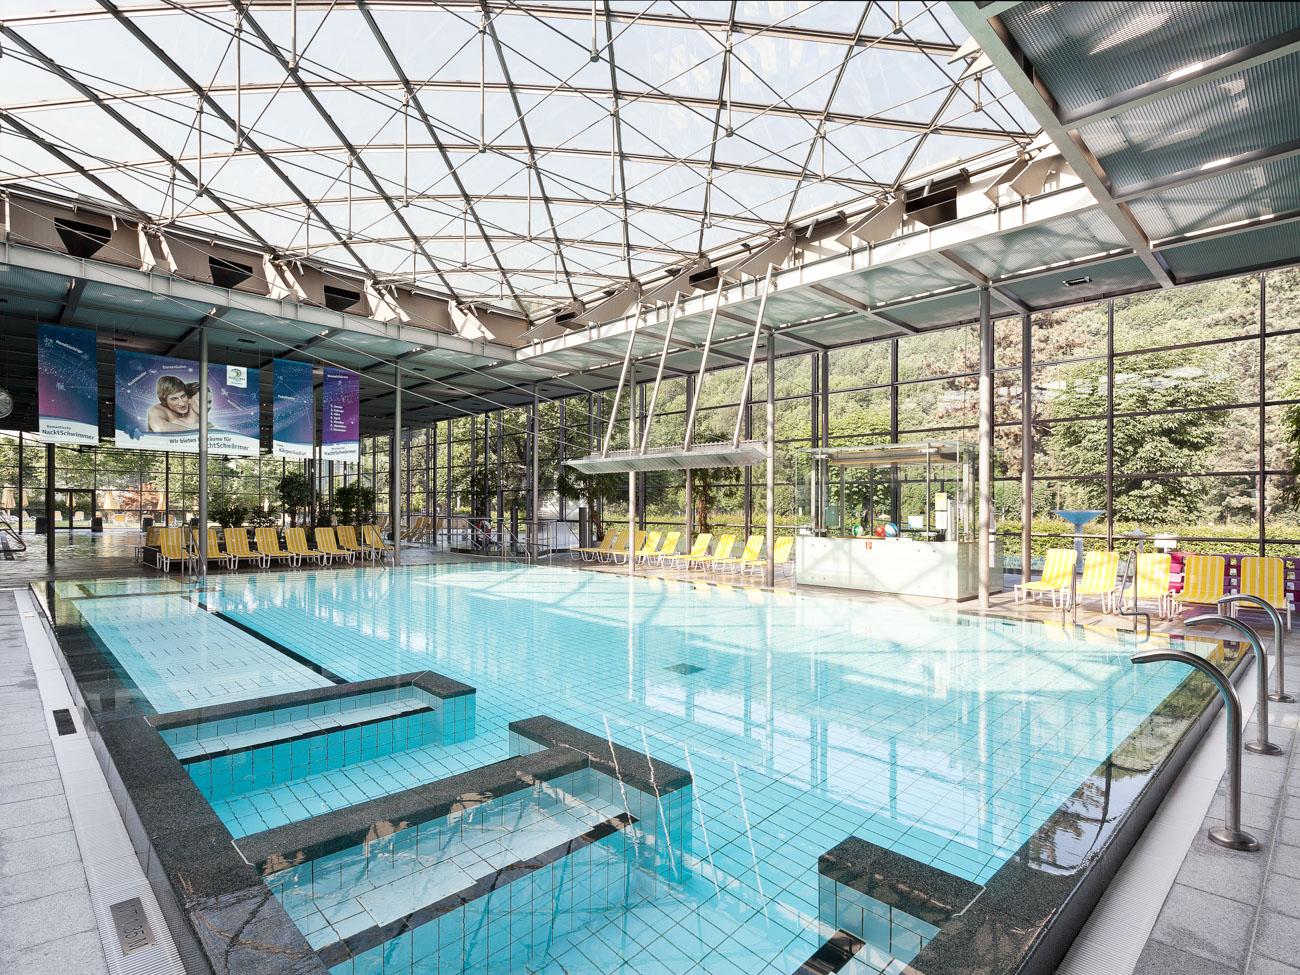 Erlebnisbecken im Geibeltbad in Pirna Schwimmbadfotograf